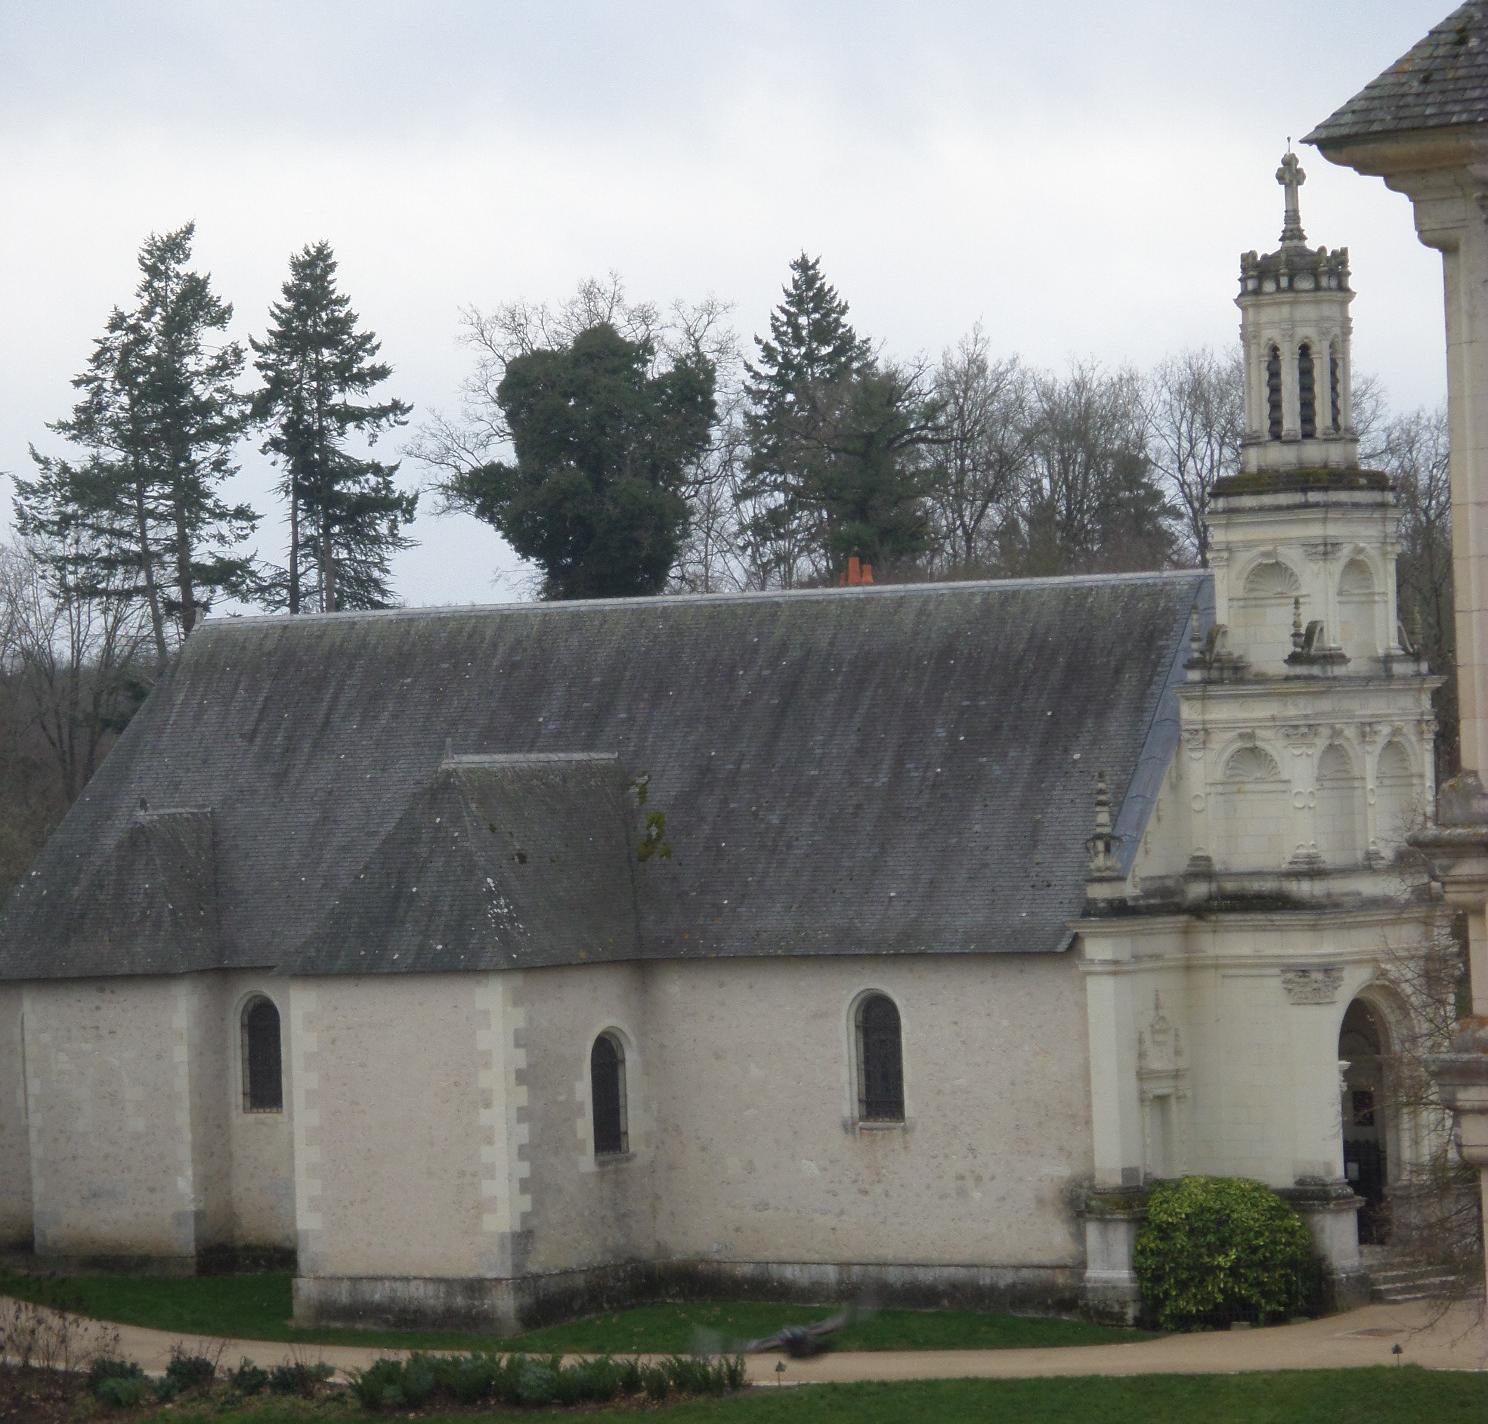 chambord-ch-st-louis-fr-castle-dec15